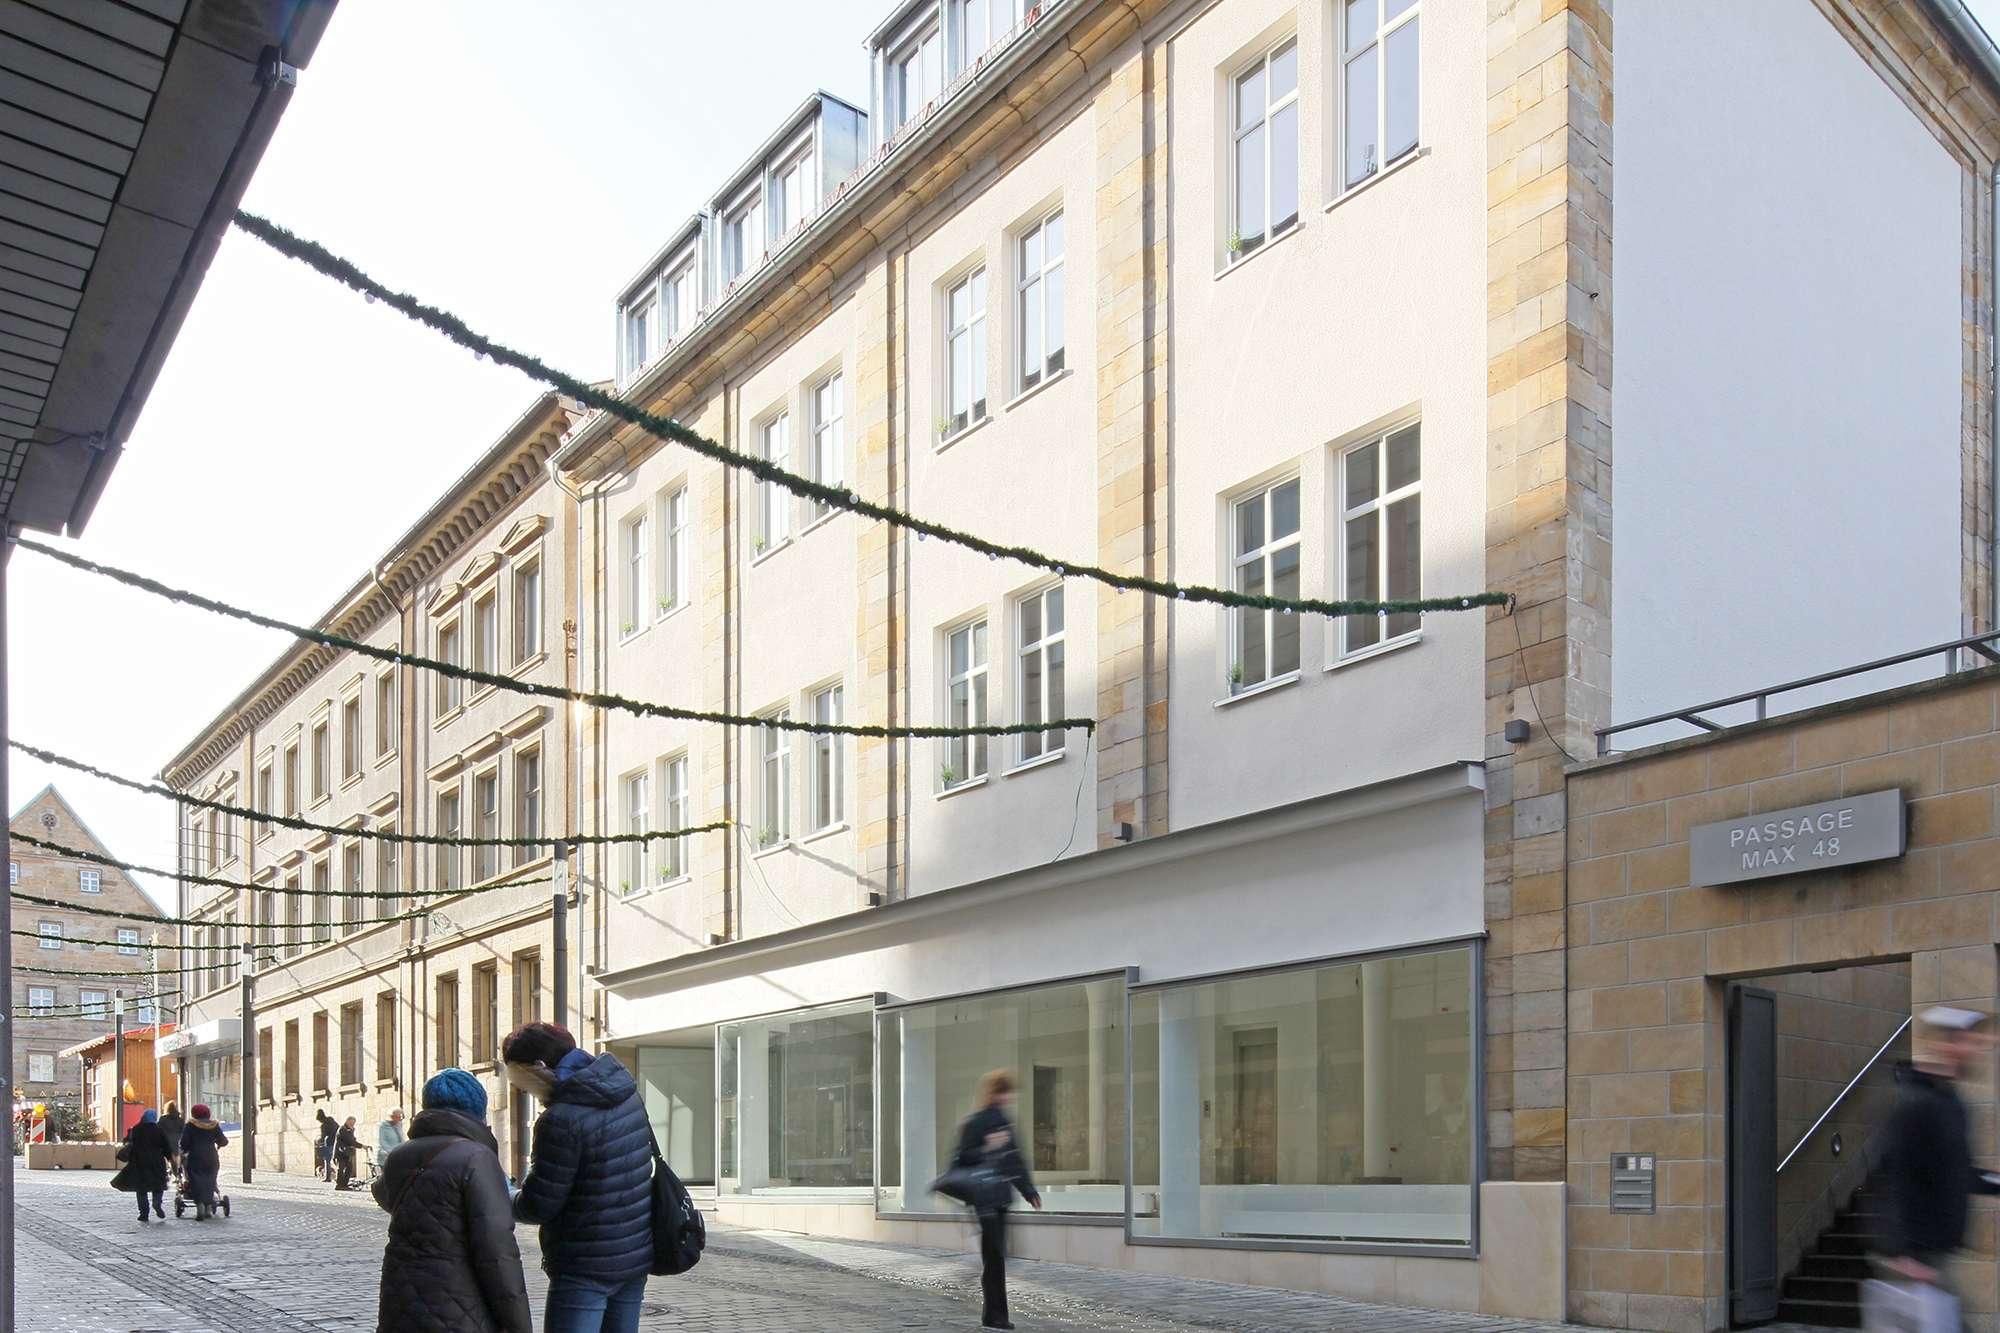 2019 kernsanierte Ladenfläche am Marktplatz/ZOH mit ca. 18 Metern Schaufensterfront!